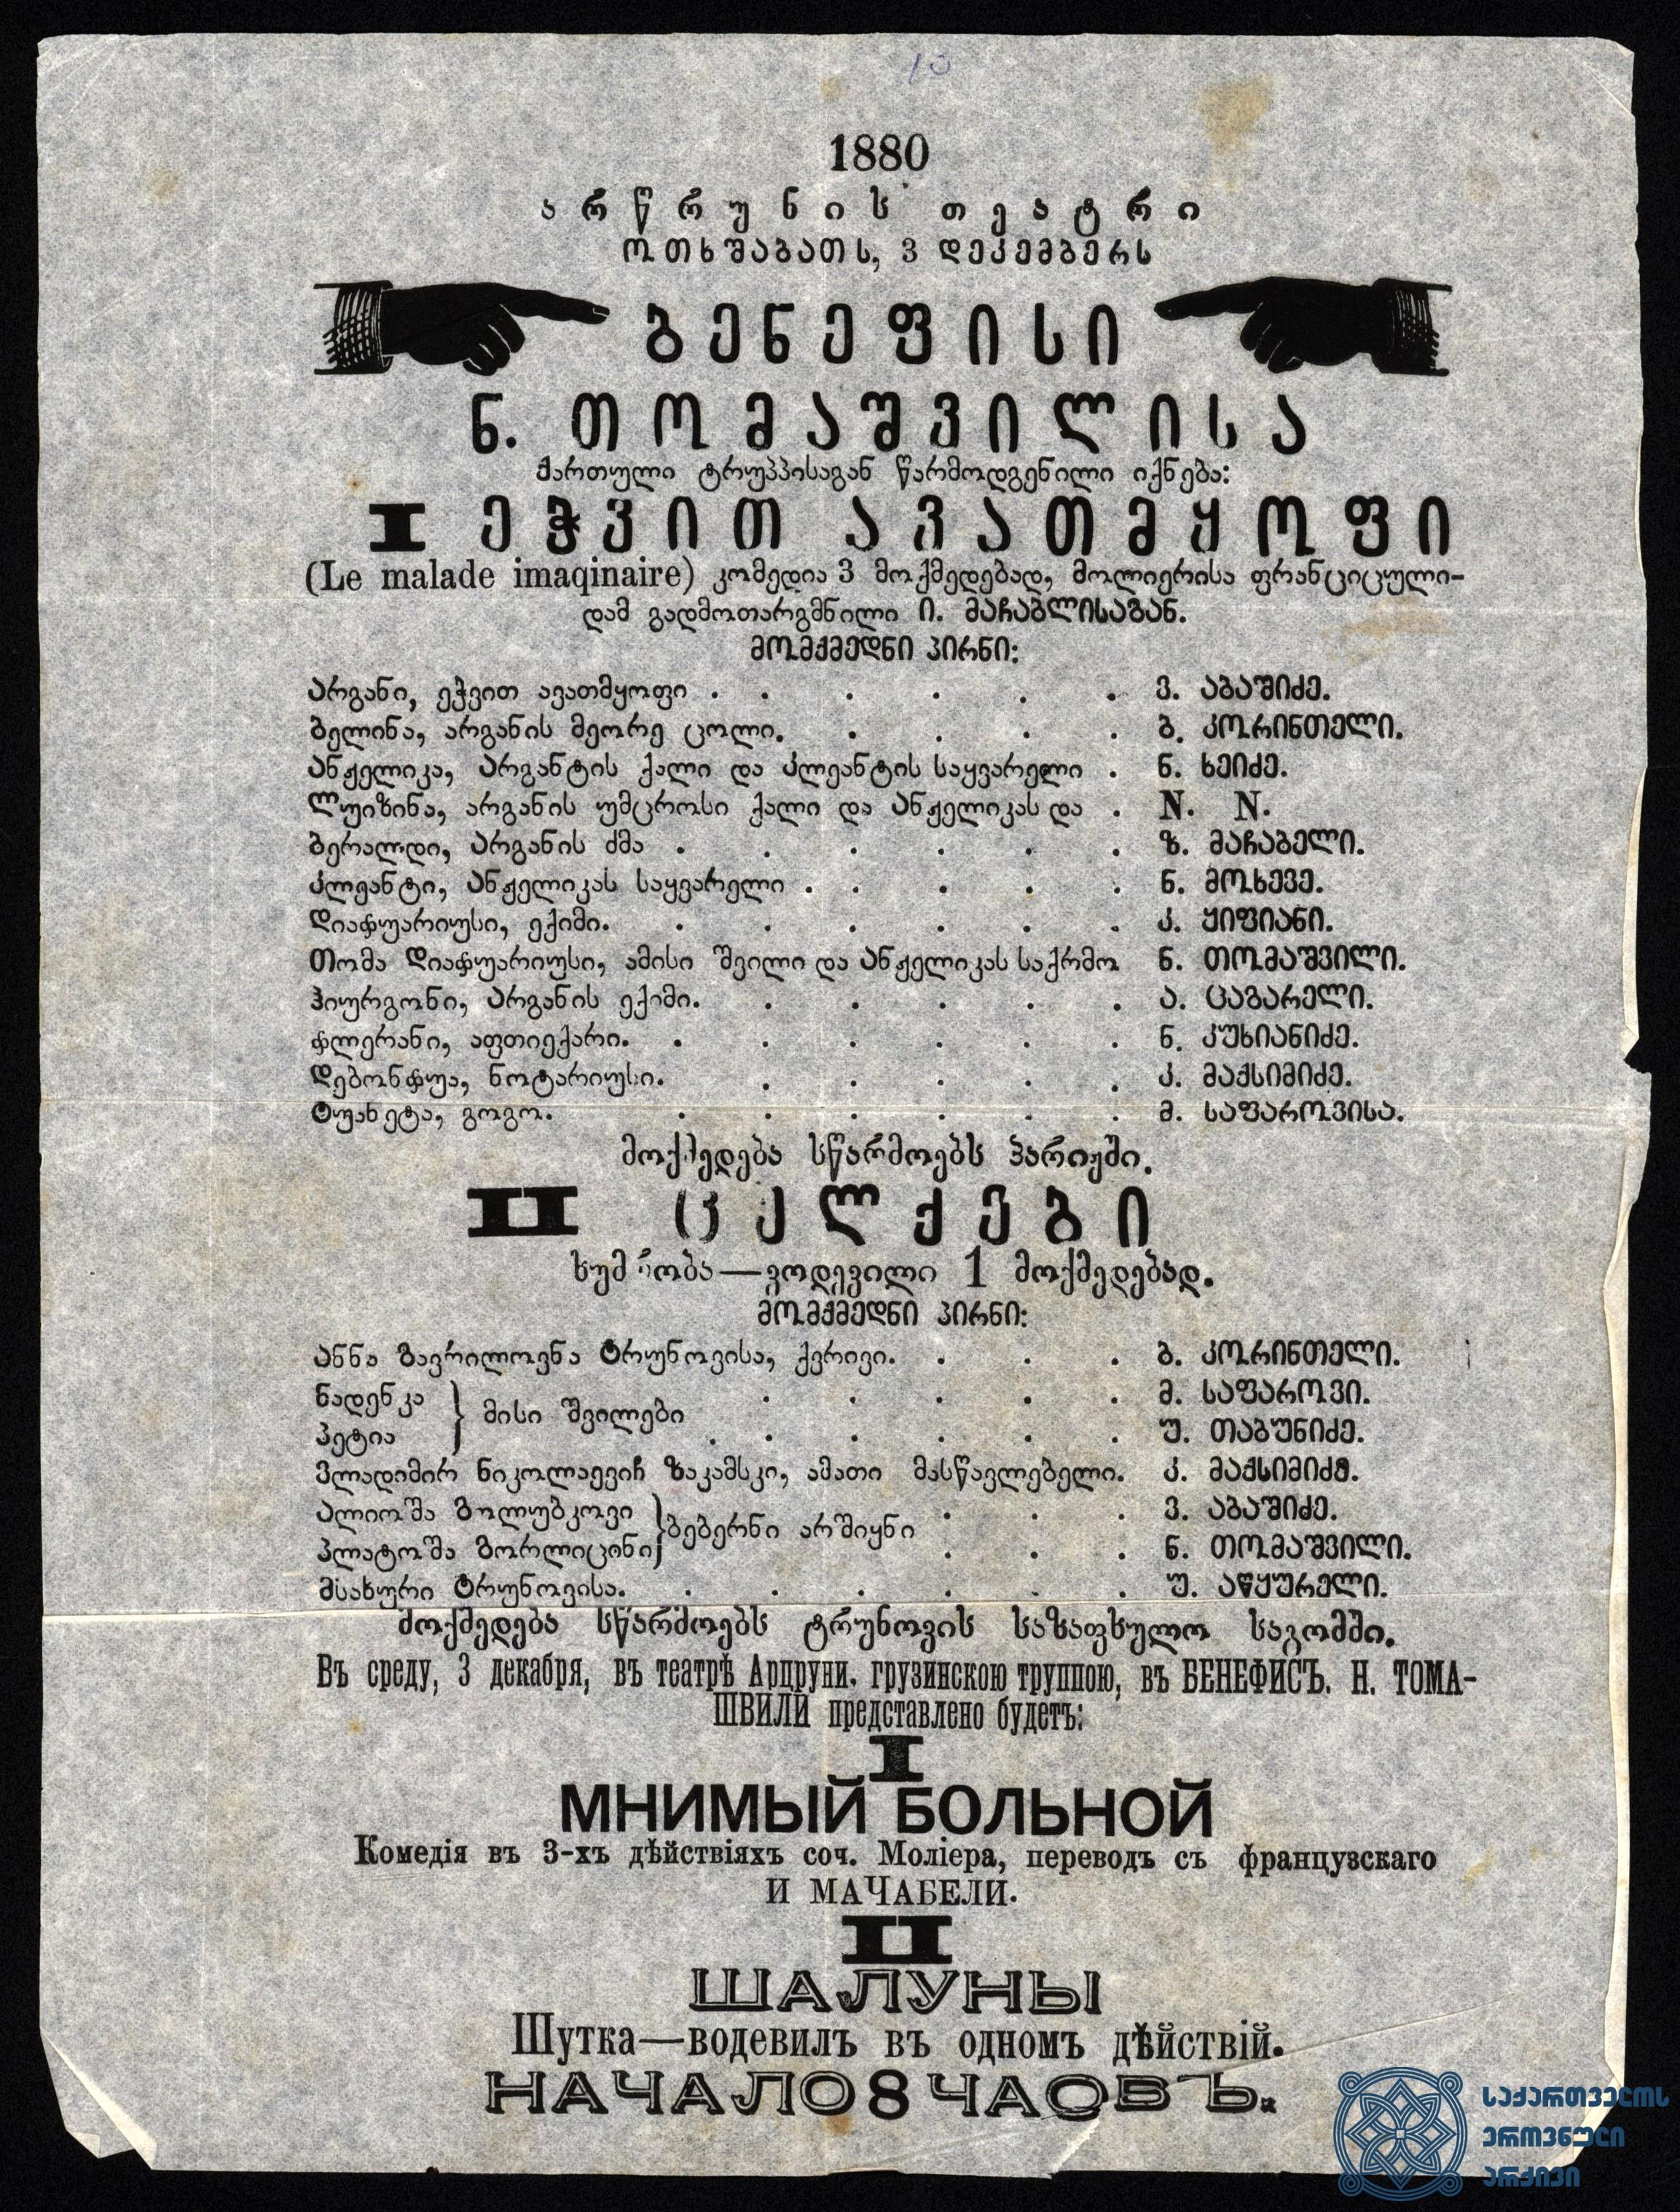 """კომედია """"ეჭვით ავათმყოფი"""" და ვოდევილი """"ცელქები"""". არწრუნის თეატრი.<br> 1880 წელი.<br> The comedy """"The Imaginary Invalid"""" and vaudeville """"The Frolicsom"""".  <br> 1880"""